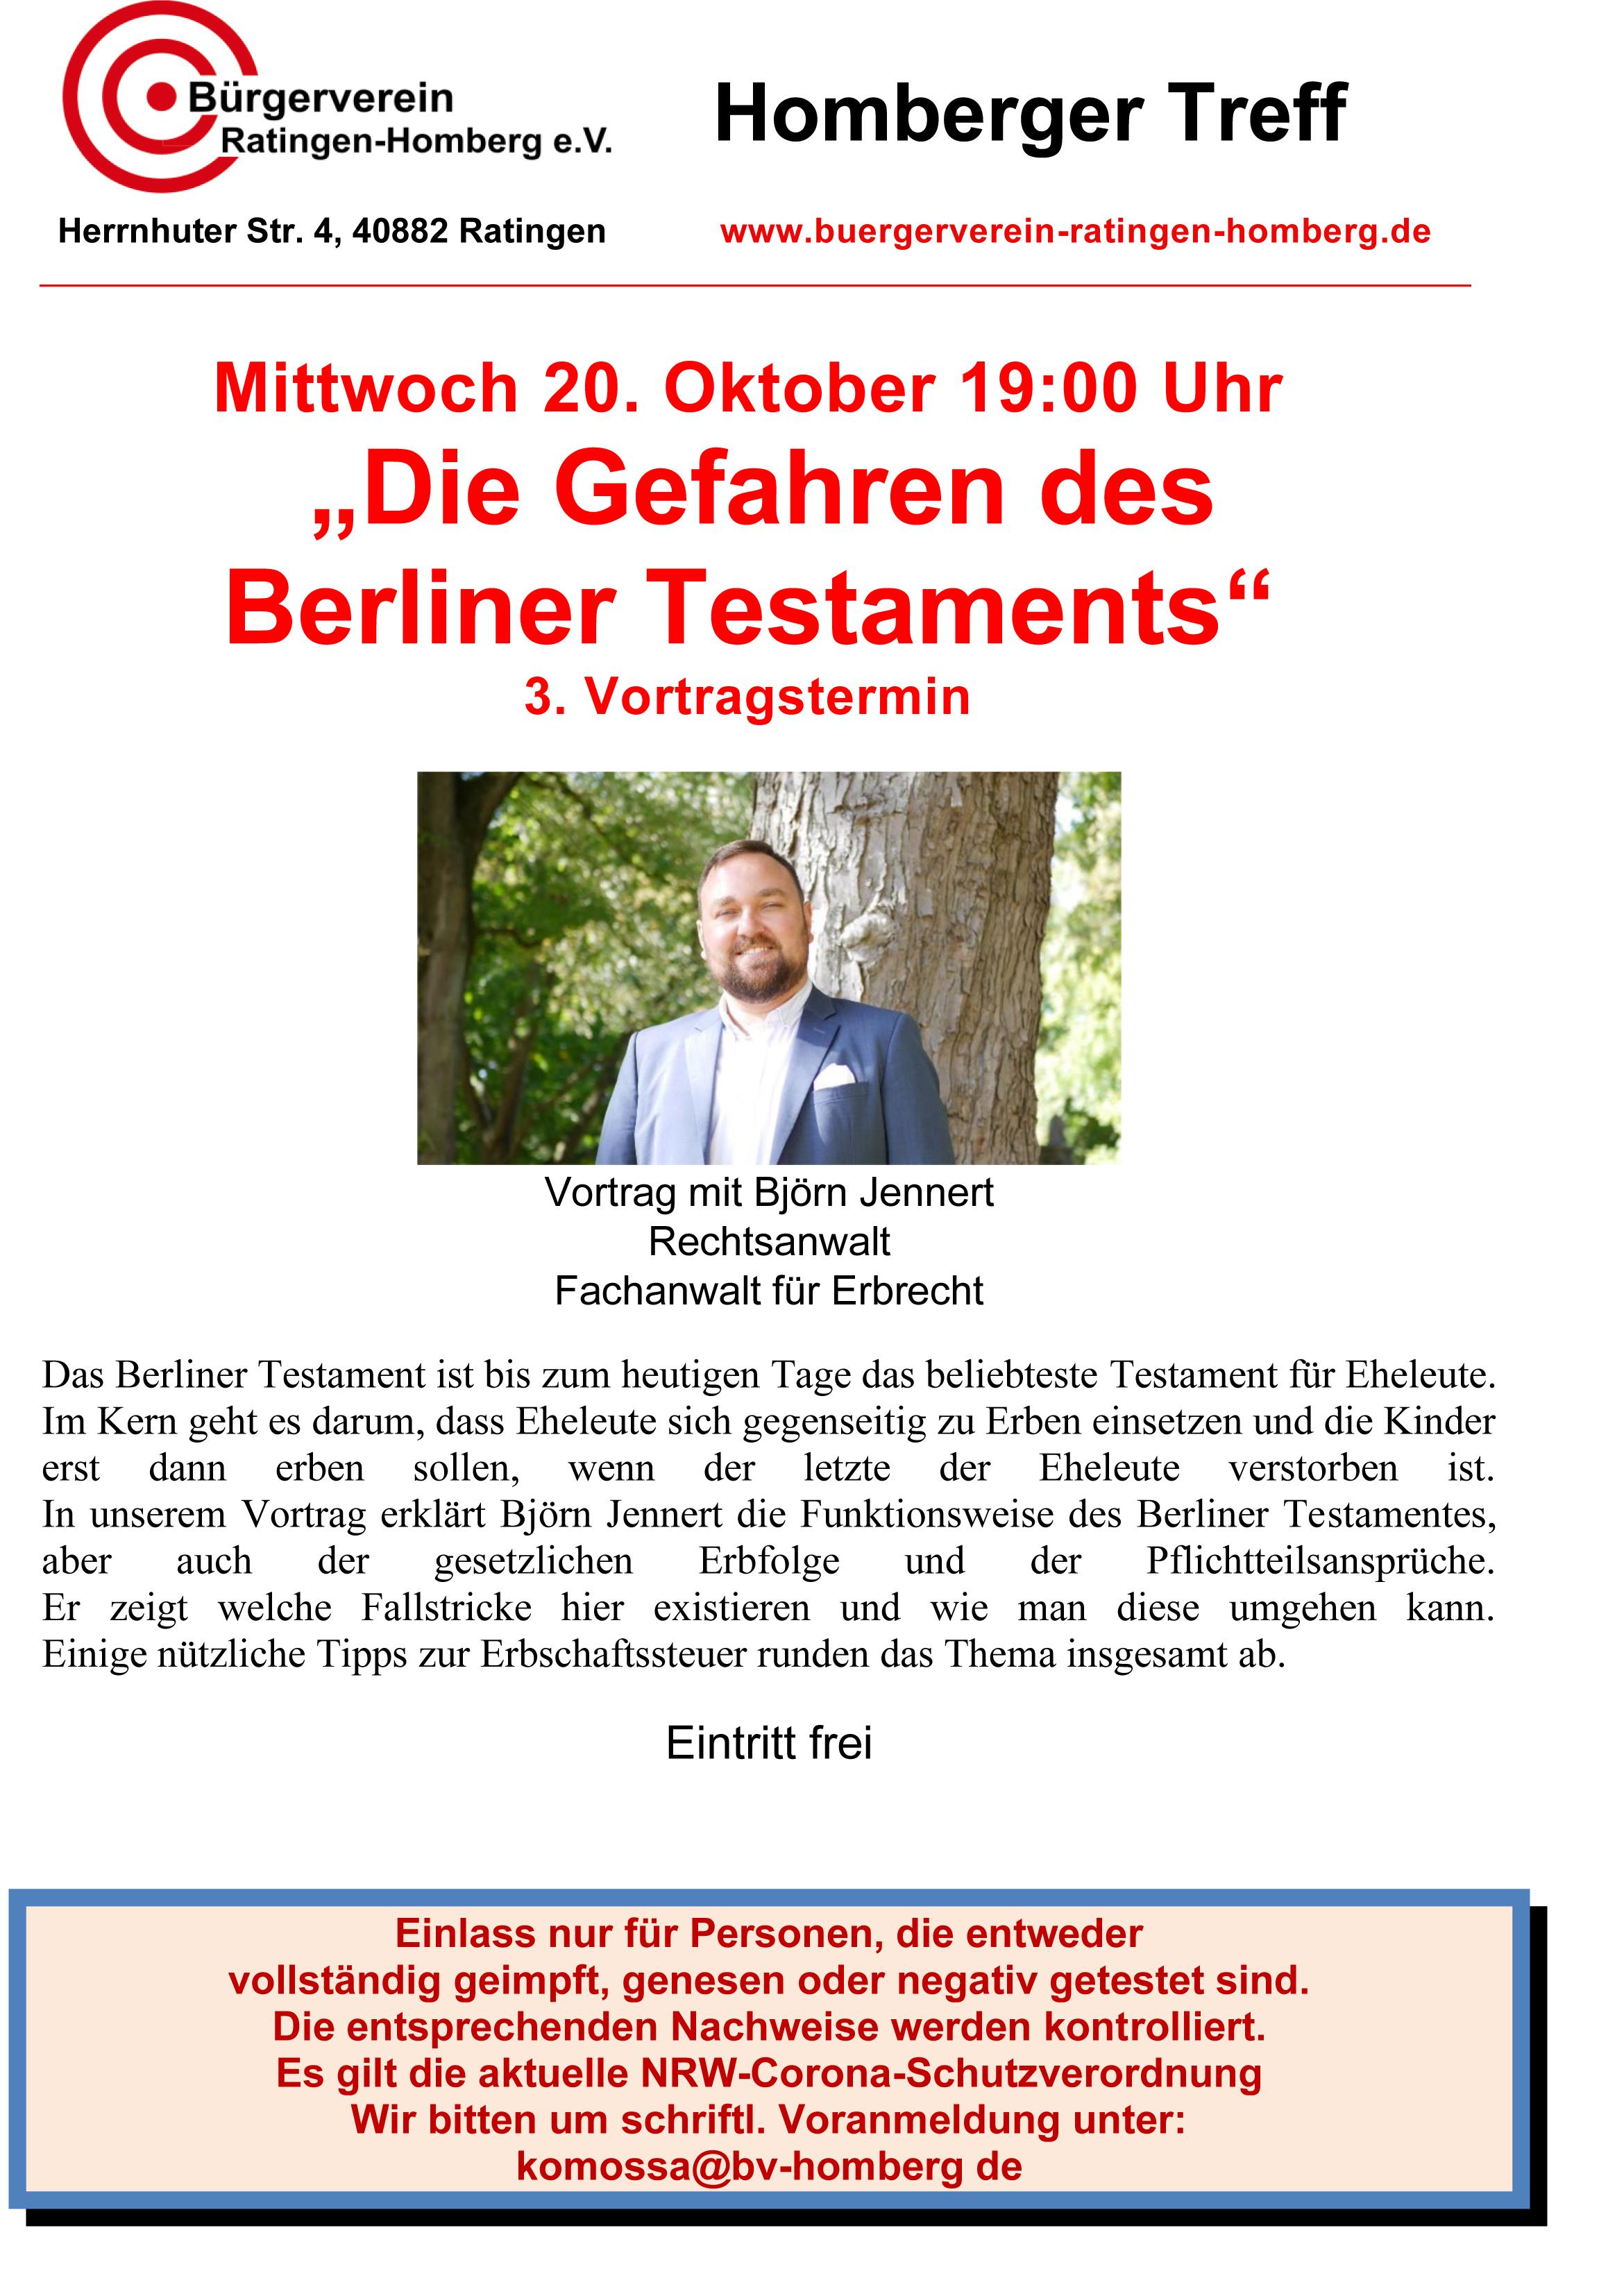 """Vortrag """"Die Gefahren des Berliner Testaments"""" Zusatztermin"""